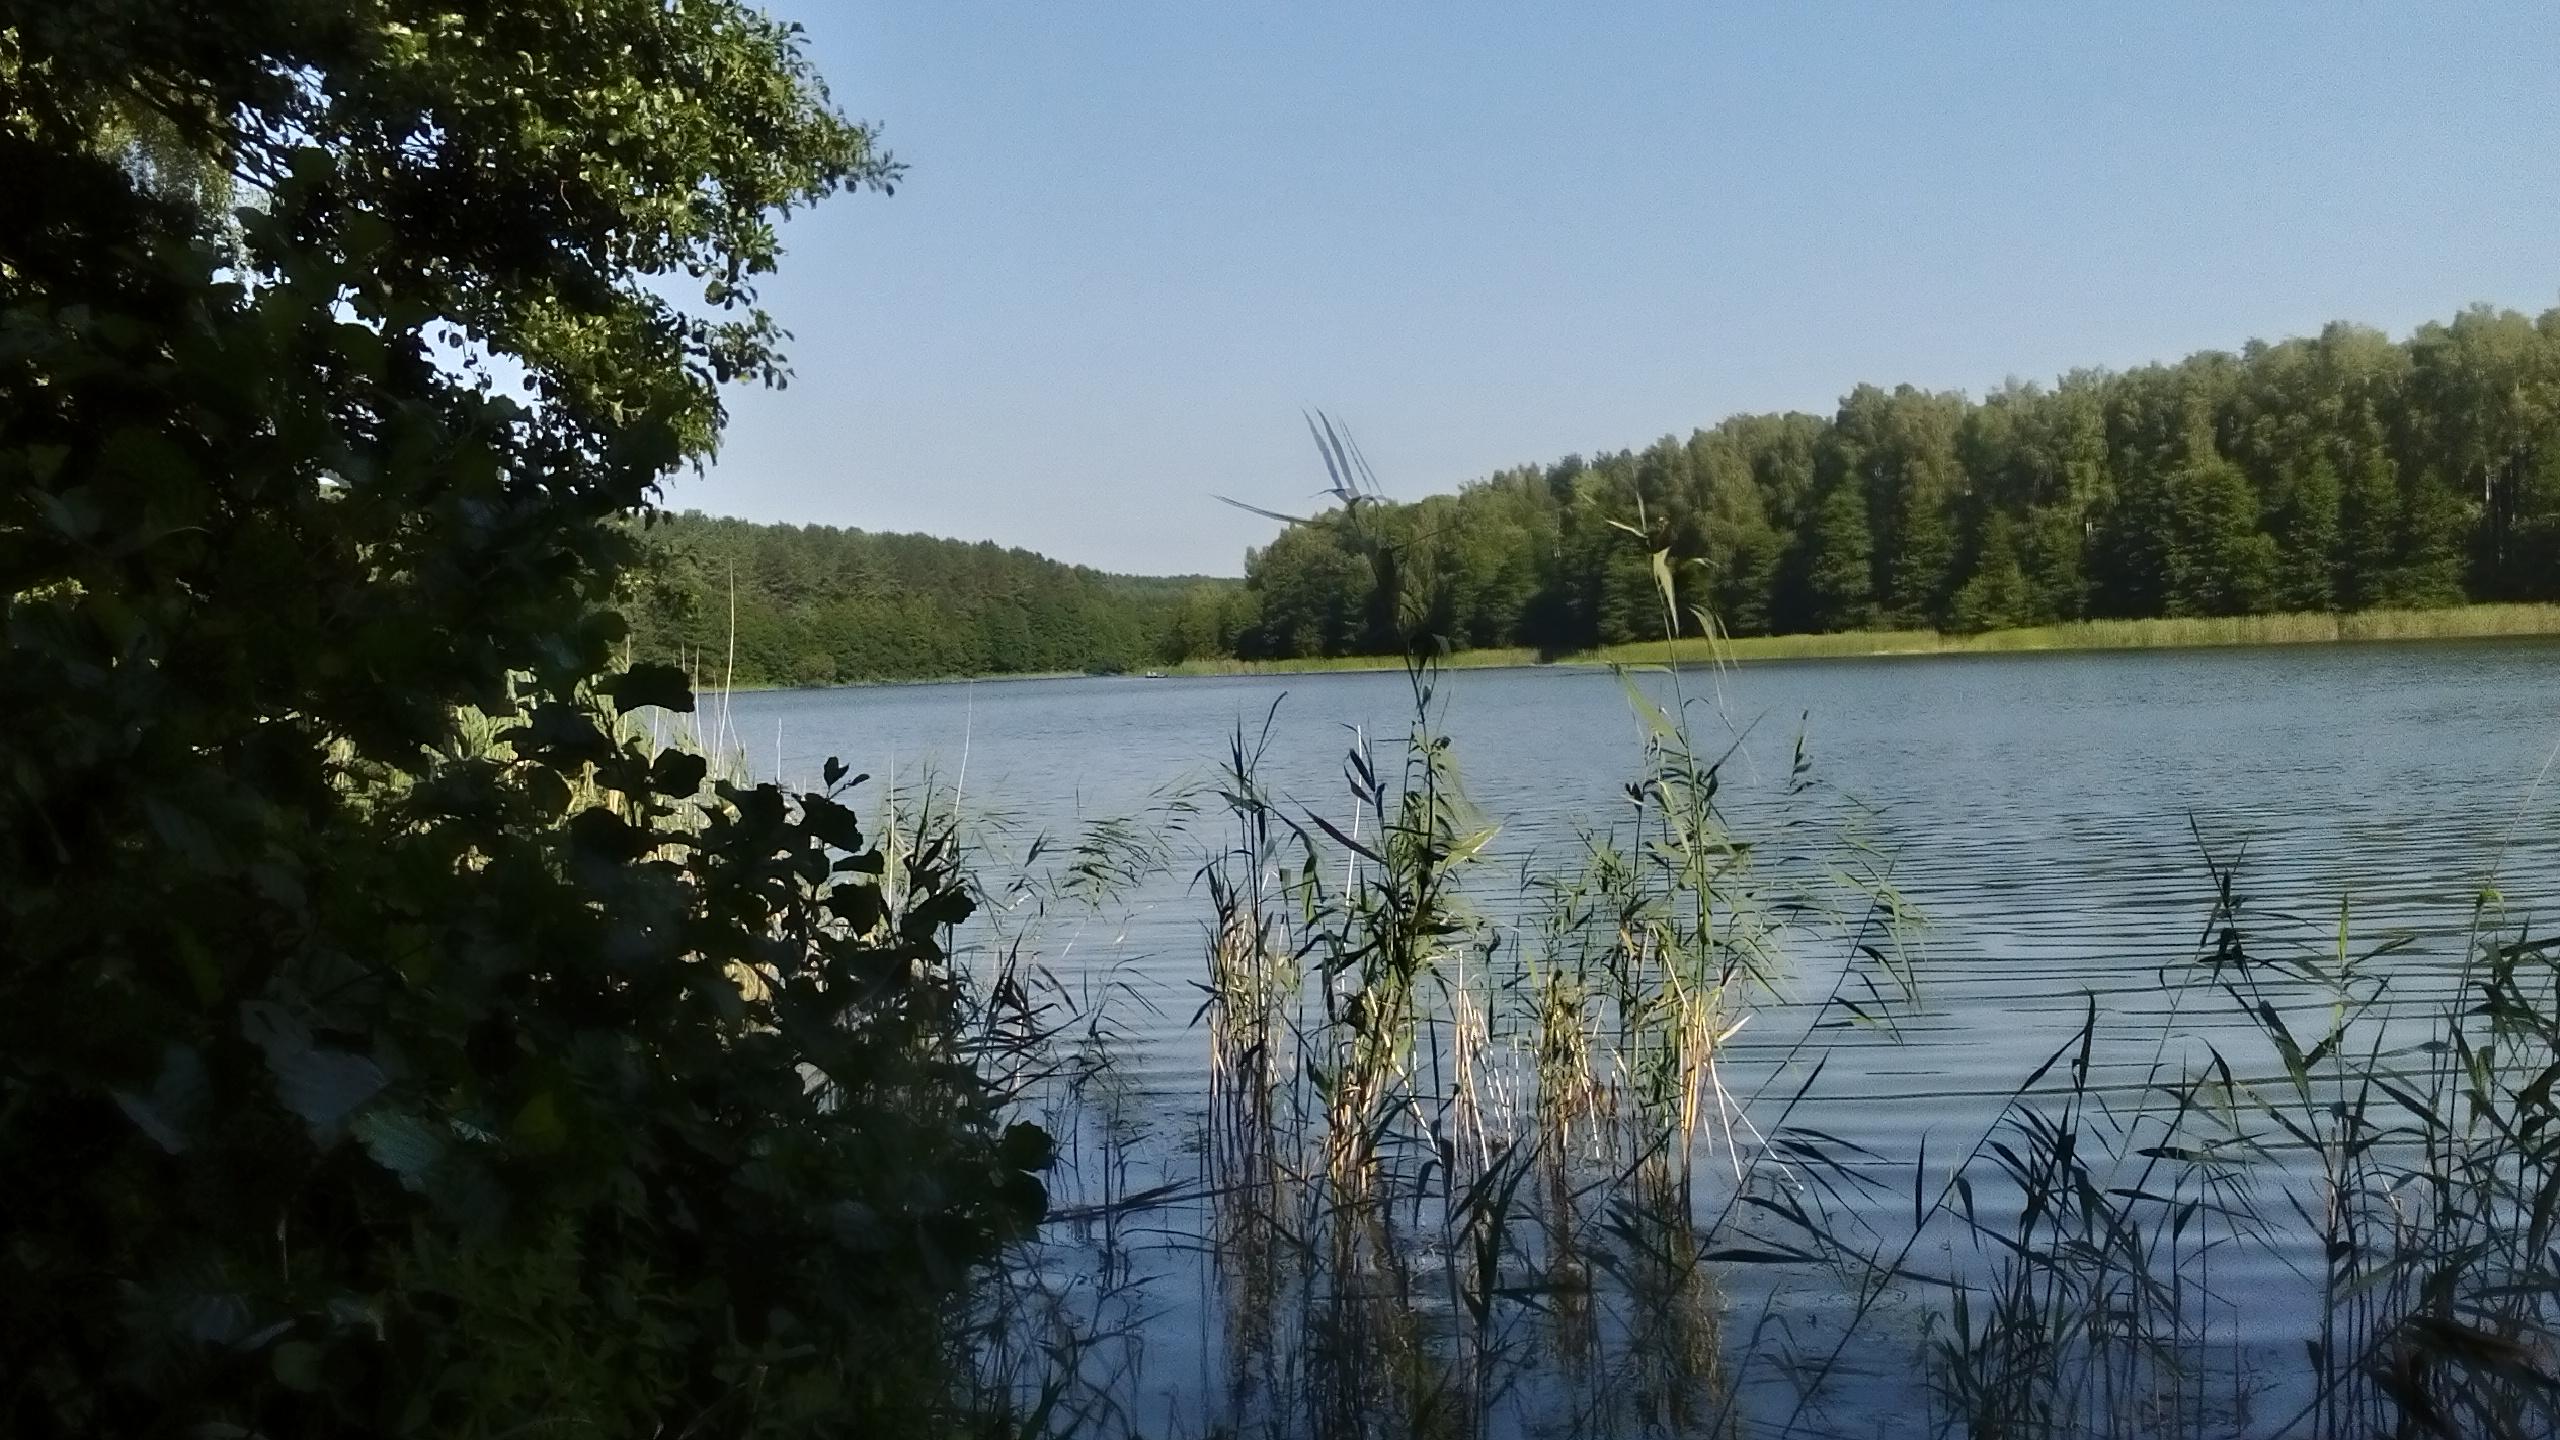 jezioro krzywe zatoka miła